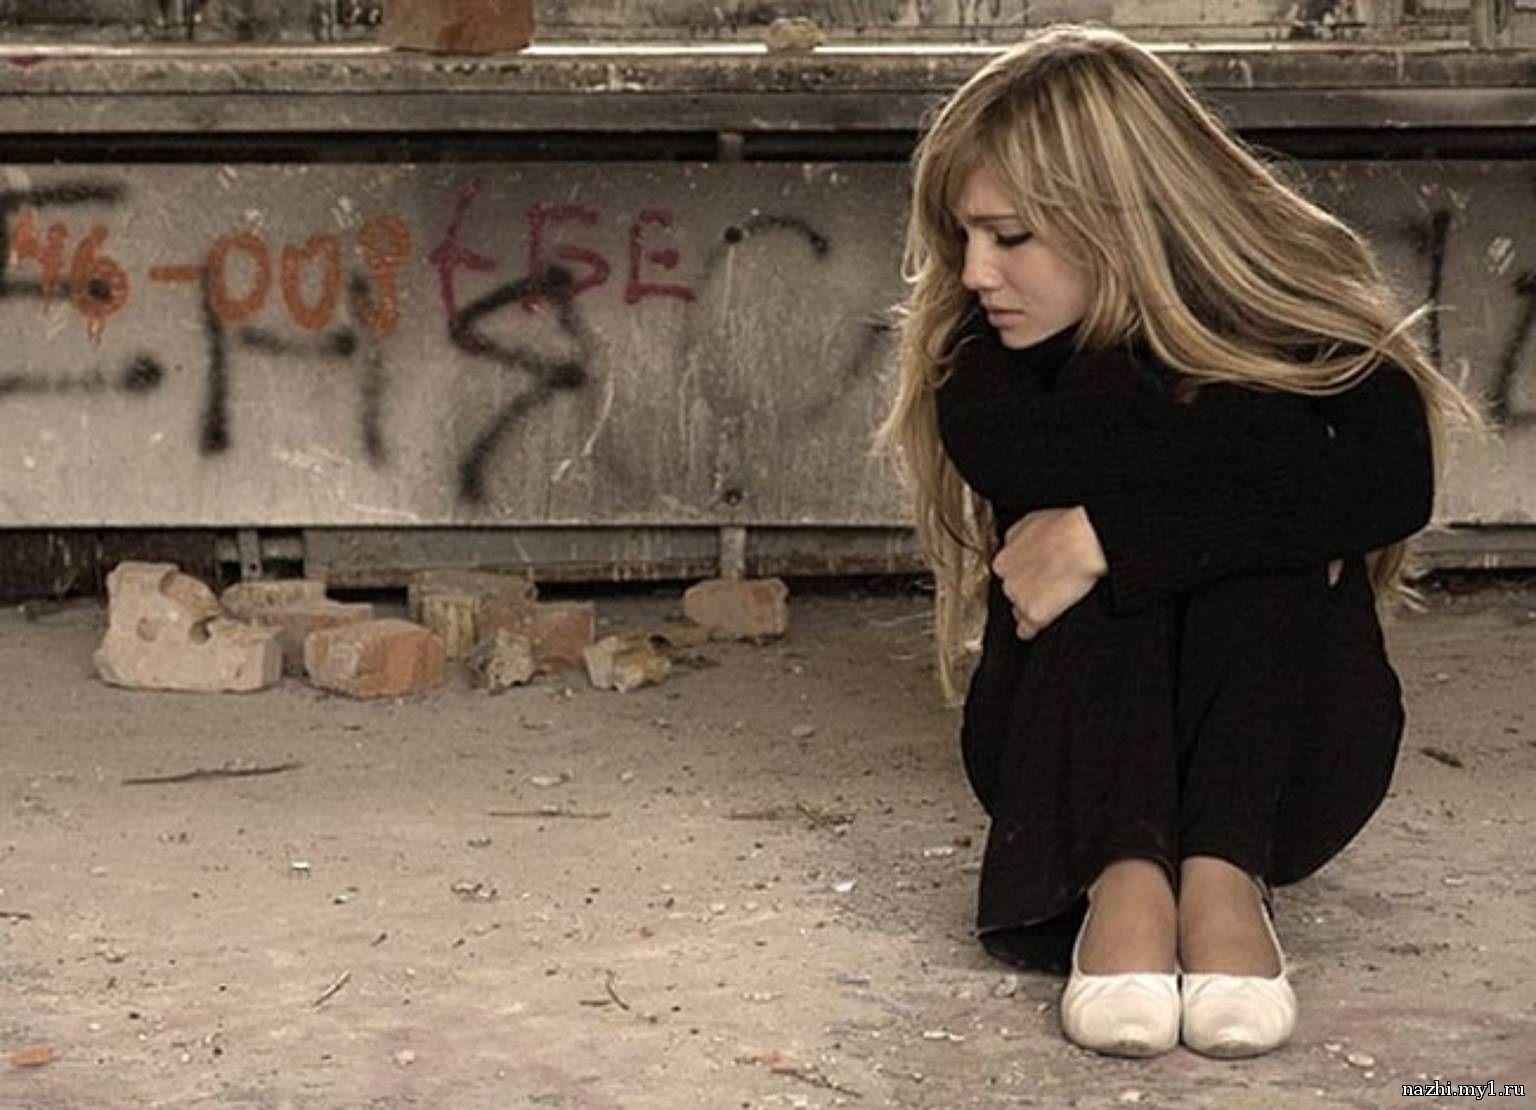 Рассказ про минет девочки 18 фотография